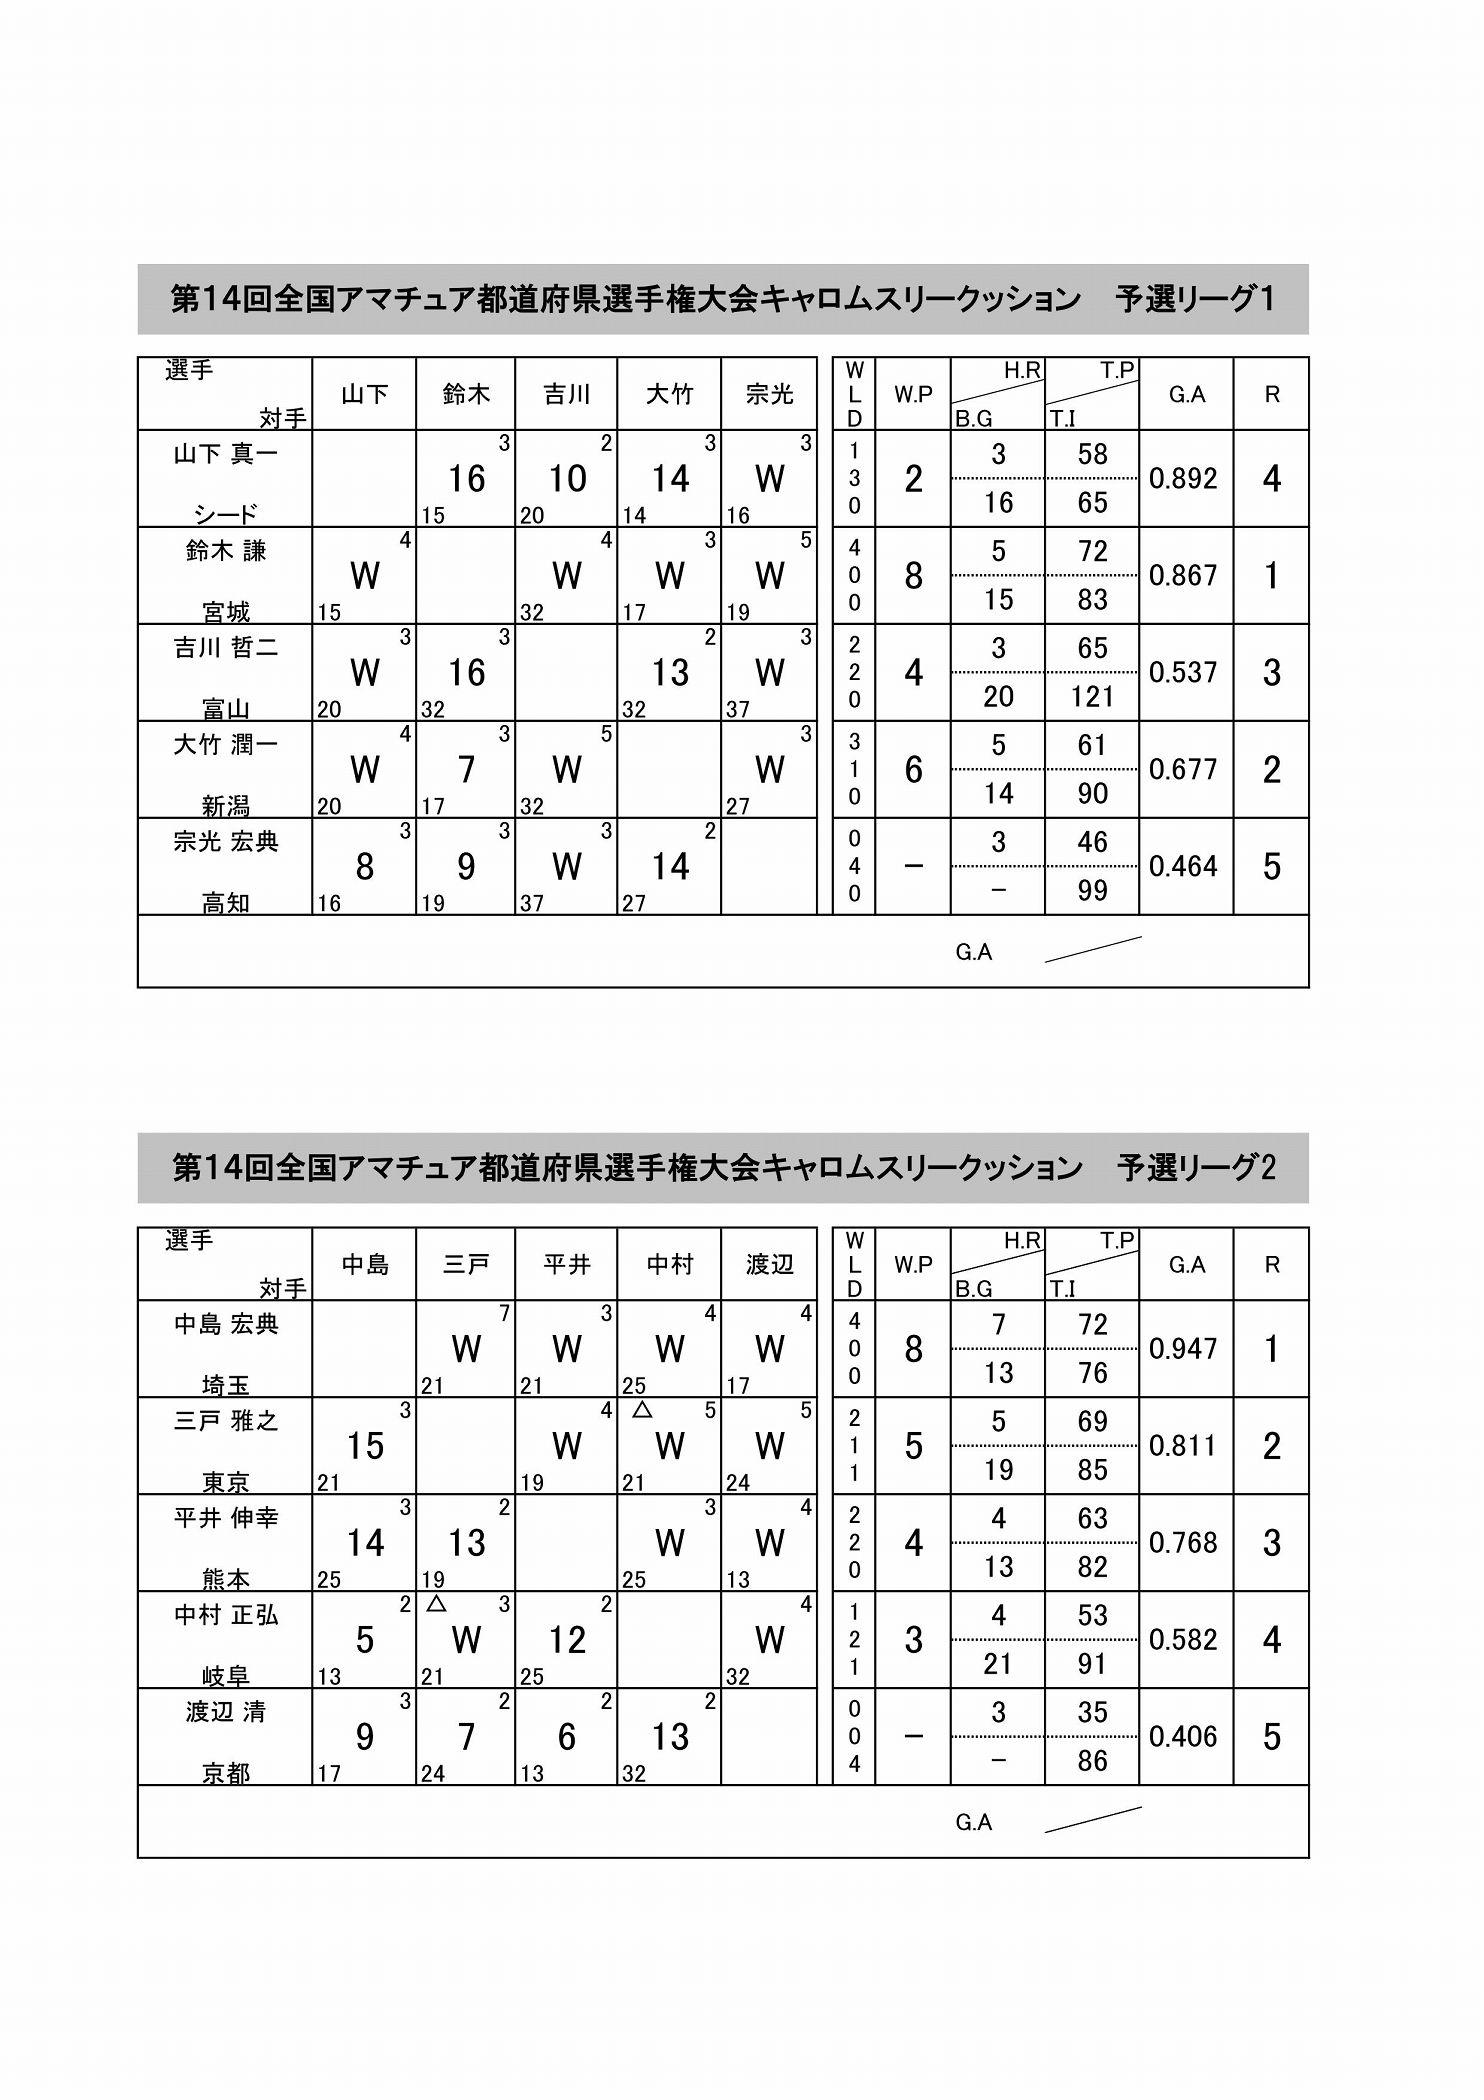 スリークッションリーグ戦表記入済み_01